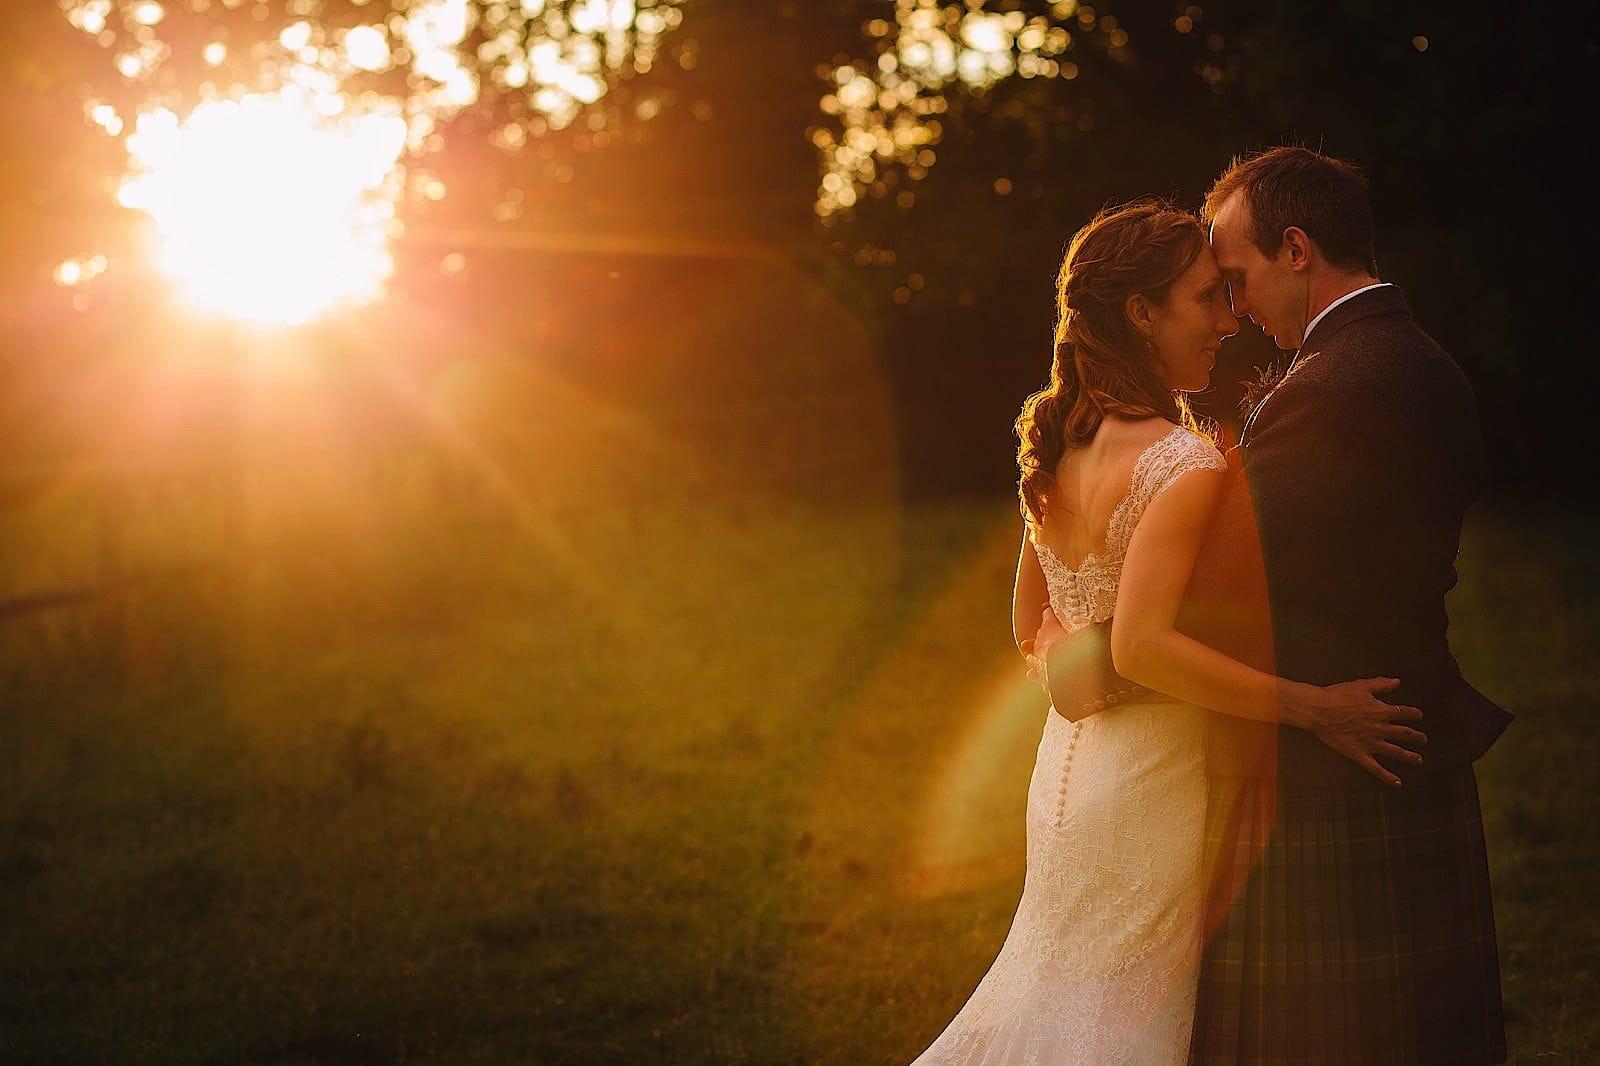 best-wedding-photography-warwickshire-0003